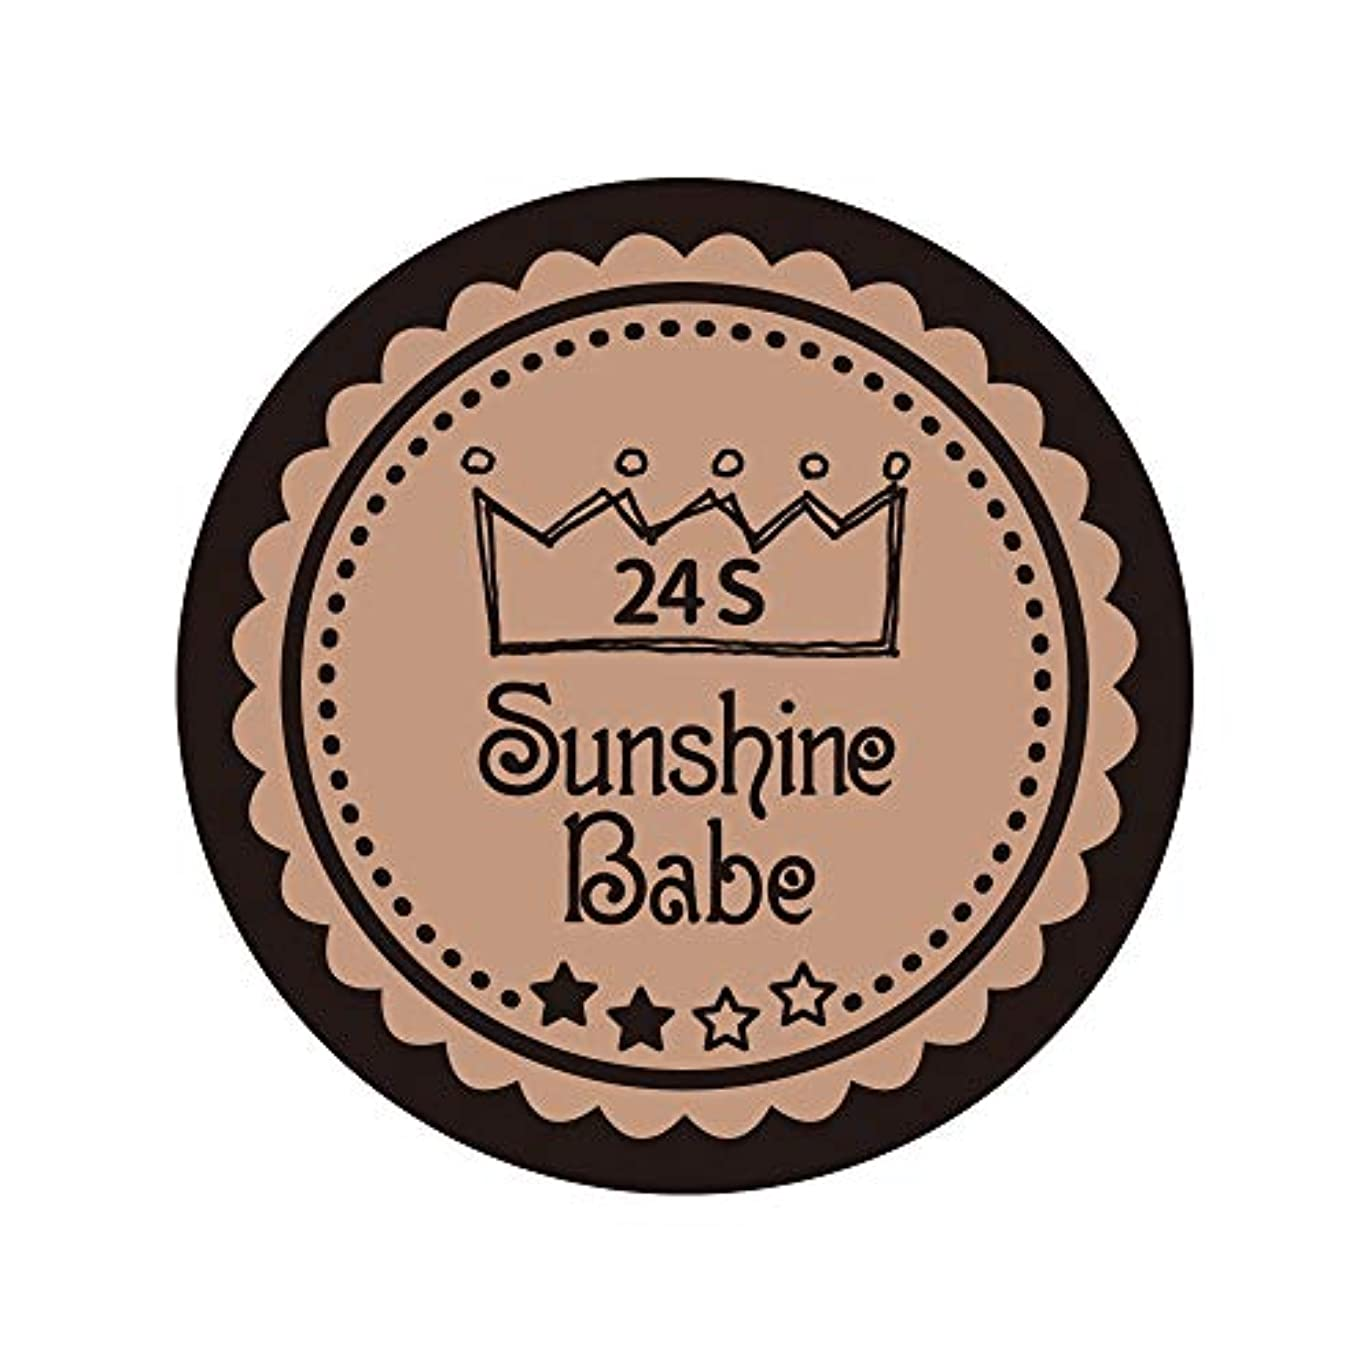 ファイル申込み舌なSunshine Babe カラージェル 24S ベージュローゼ 2.7g UV/LED対応